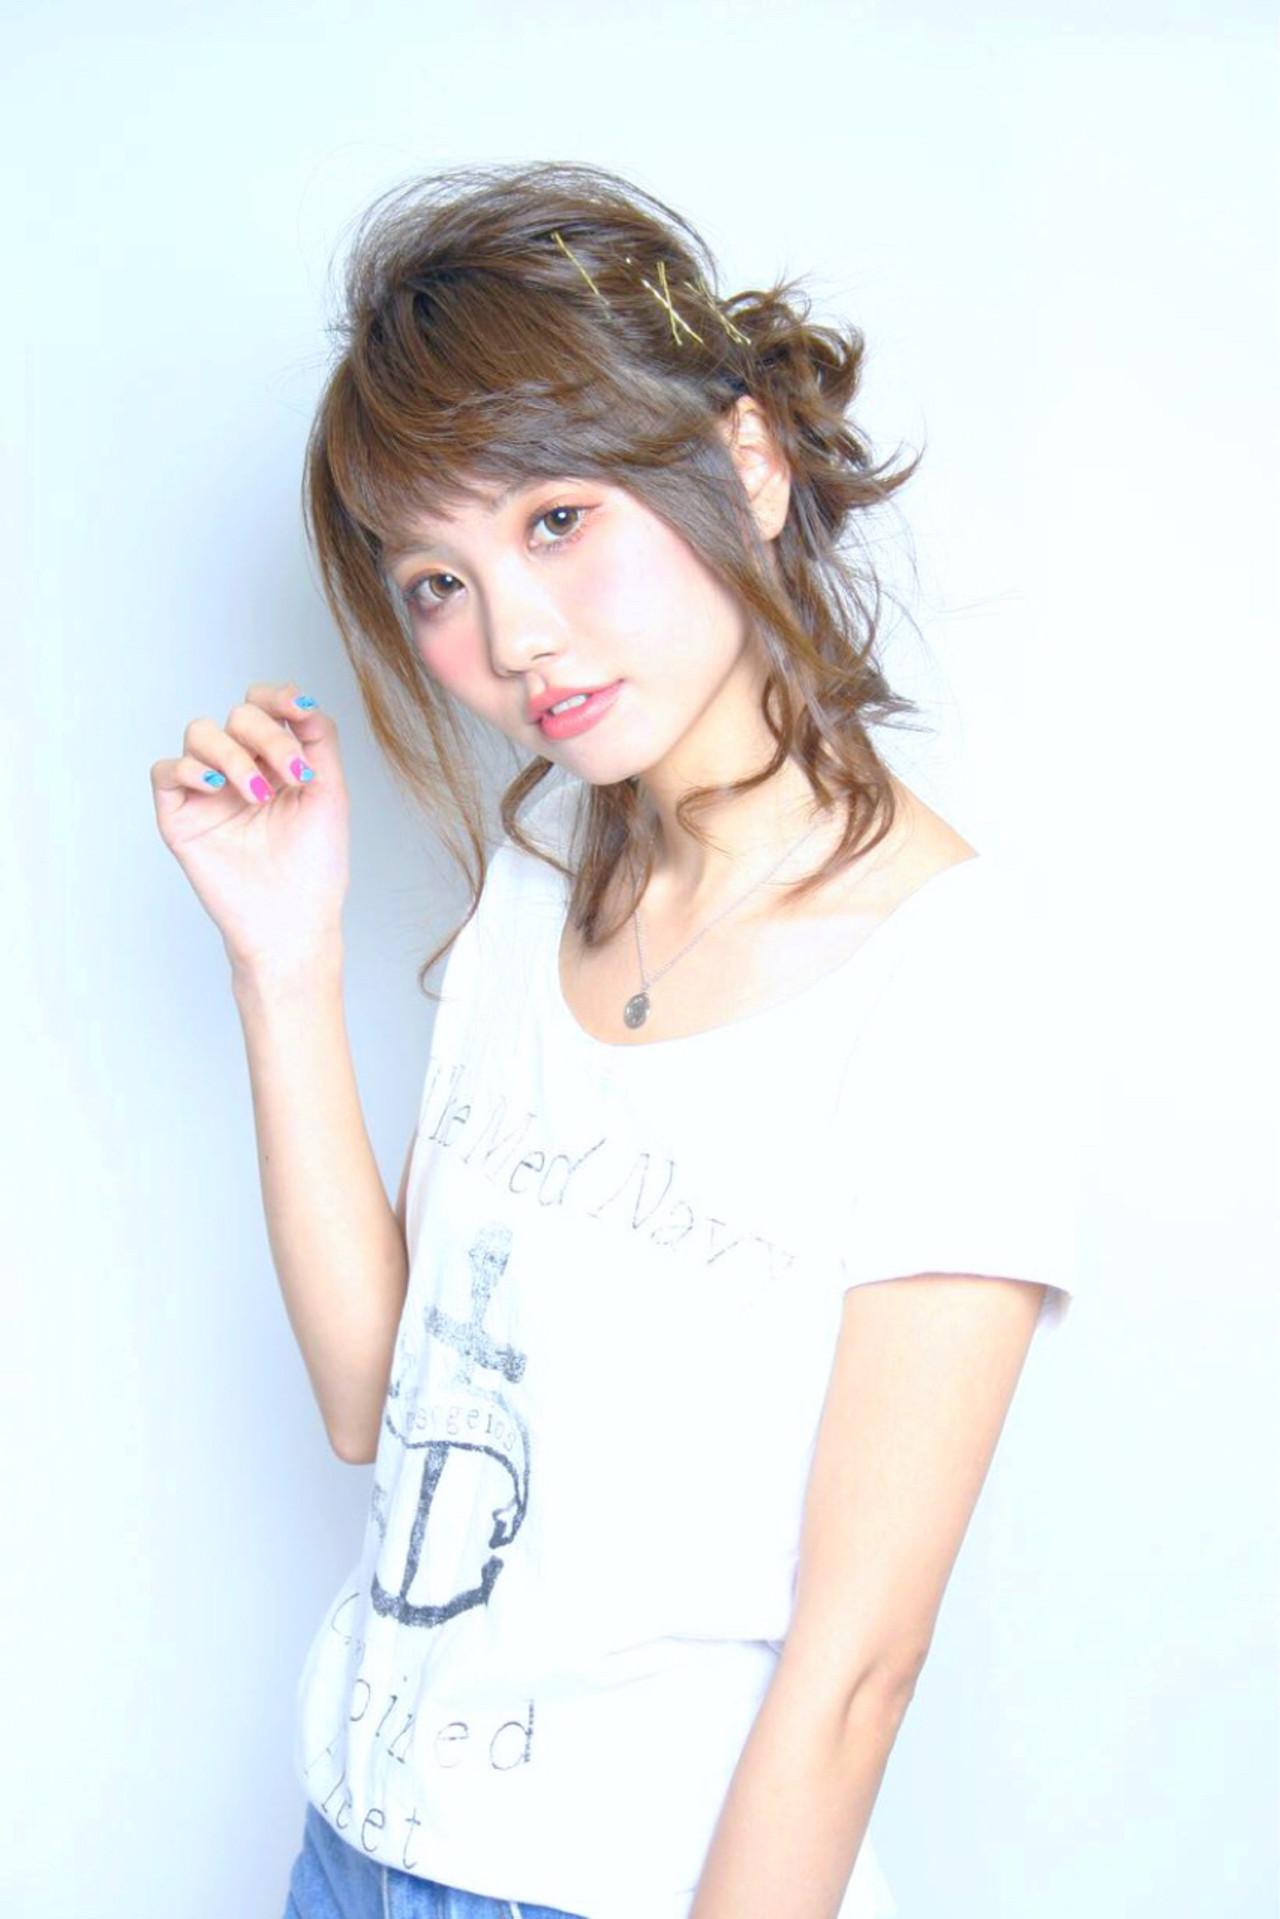 【美容師直伝】ロブがかわいく見える♡おすすめヘアアレンジ集 加藤 明生 | 美容室ISA